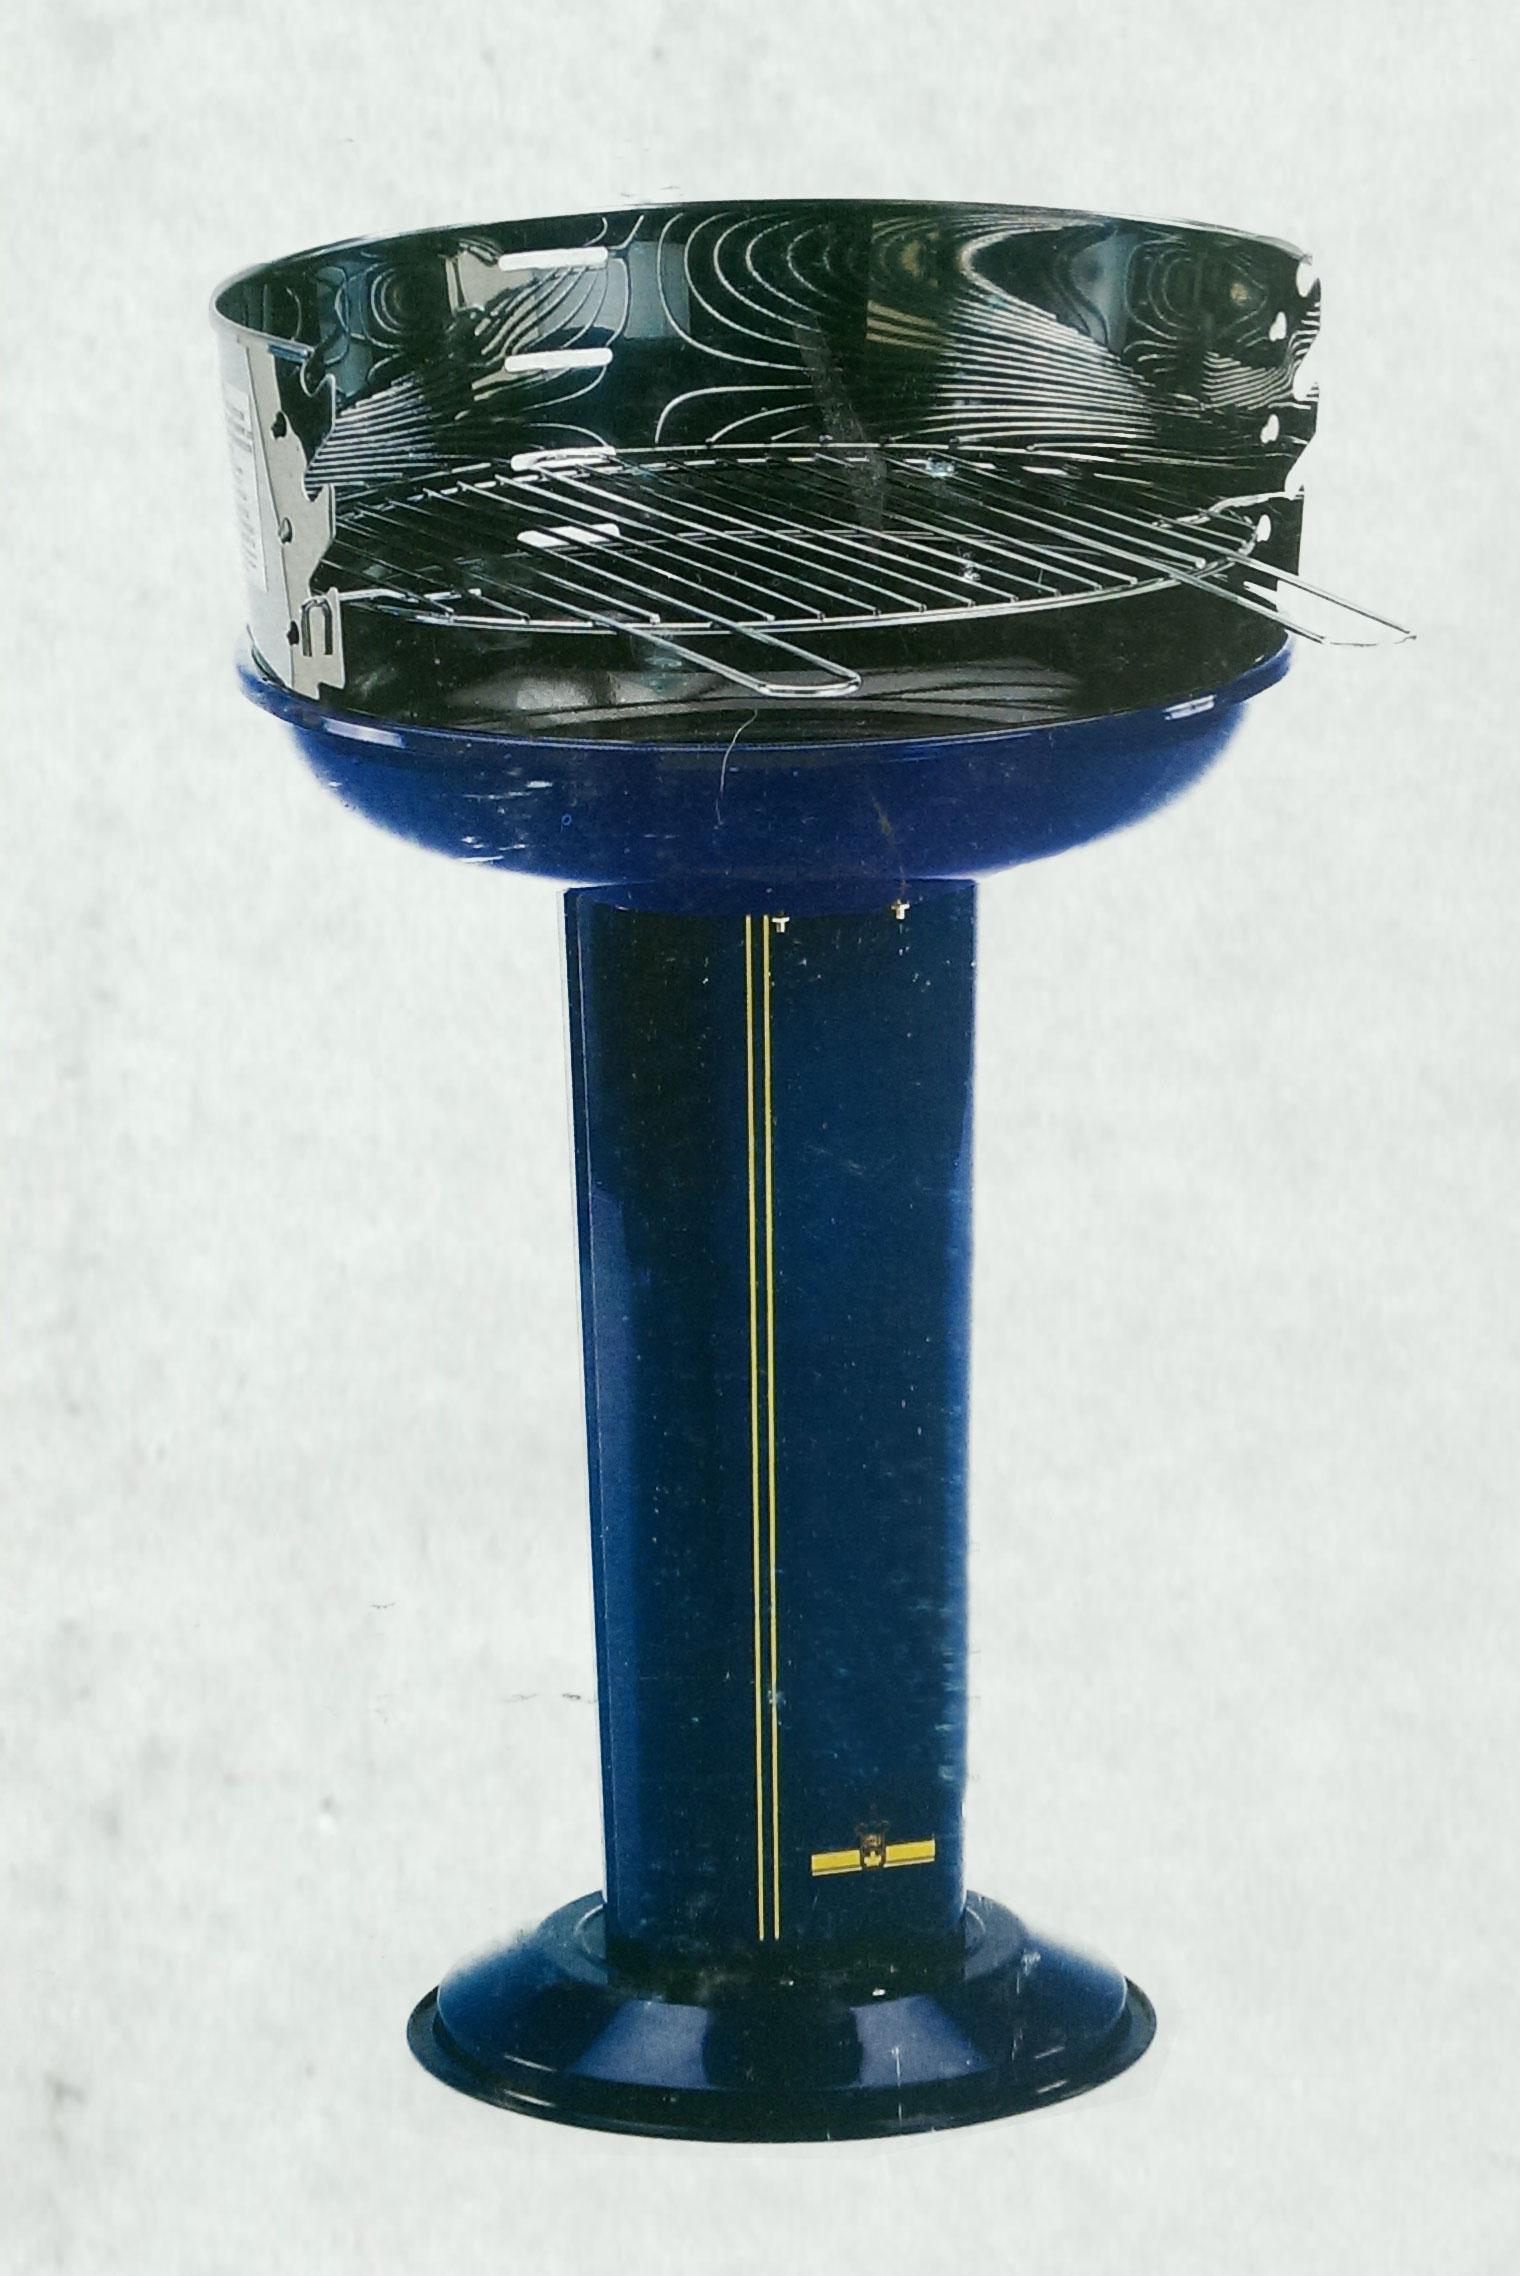 Landmann Säulengrill BlueLine Grillfläche Ø43cm Bild 1